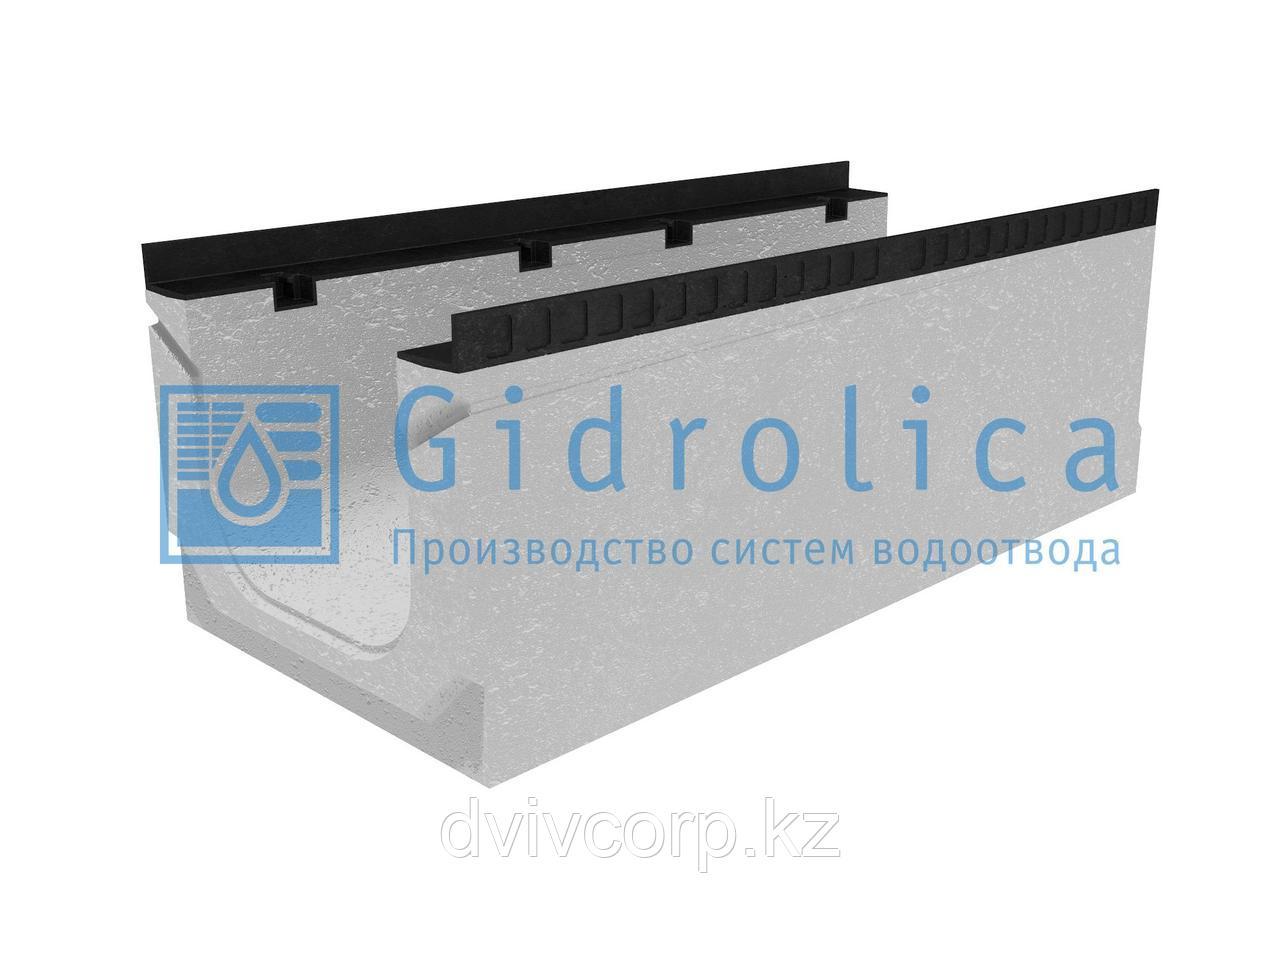 Лоток водоотводный бетонный коробчатый (СО-300мм), с уклоном 0,5%  КПу 100.44(30).37(30) - BGМ-F, № 12